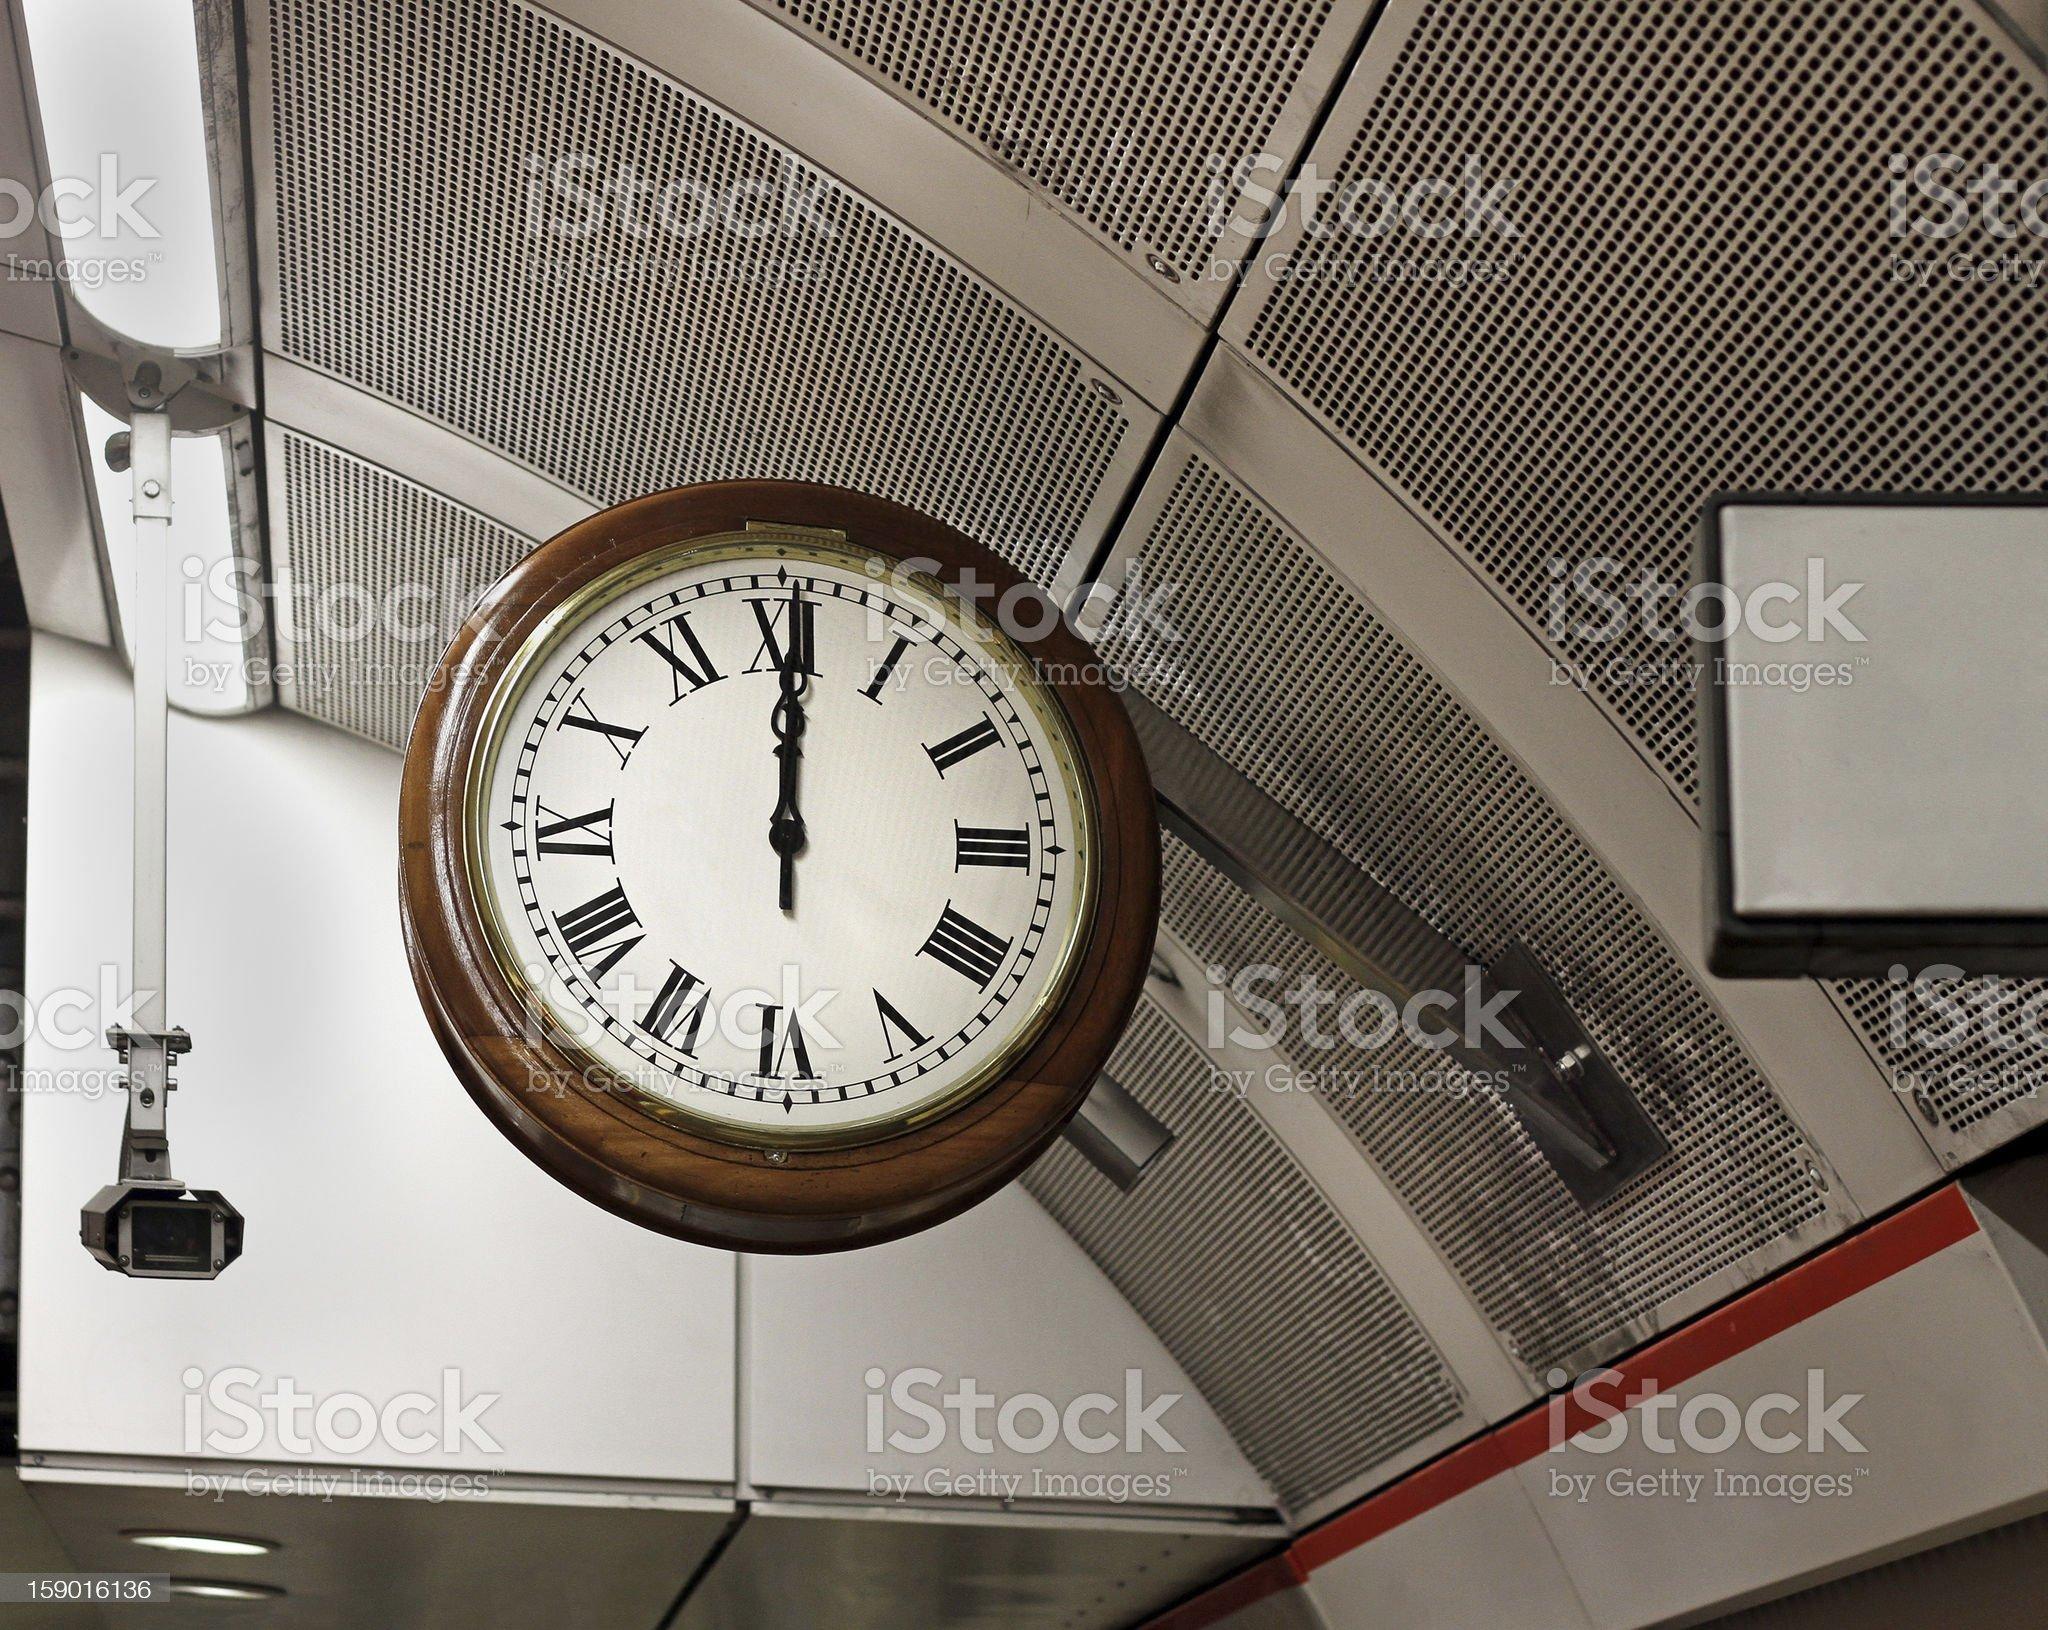 Retro public clock royalty-free stock photo